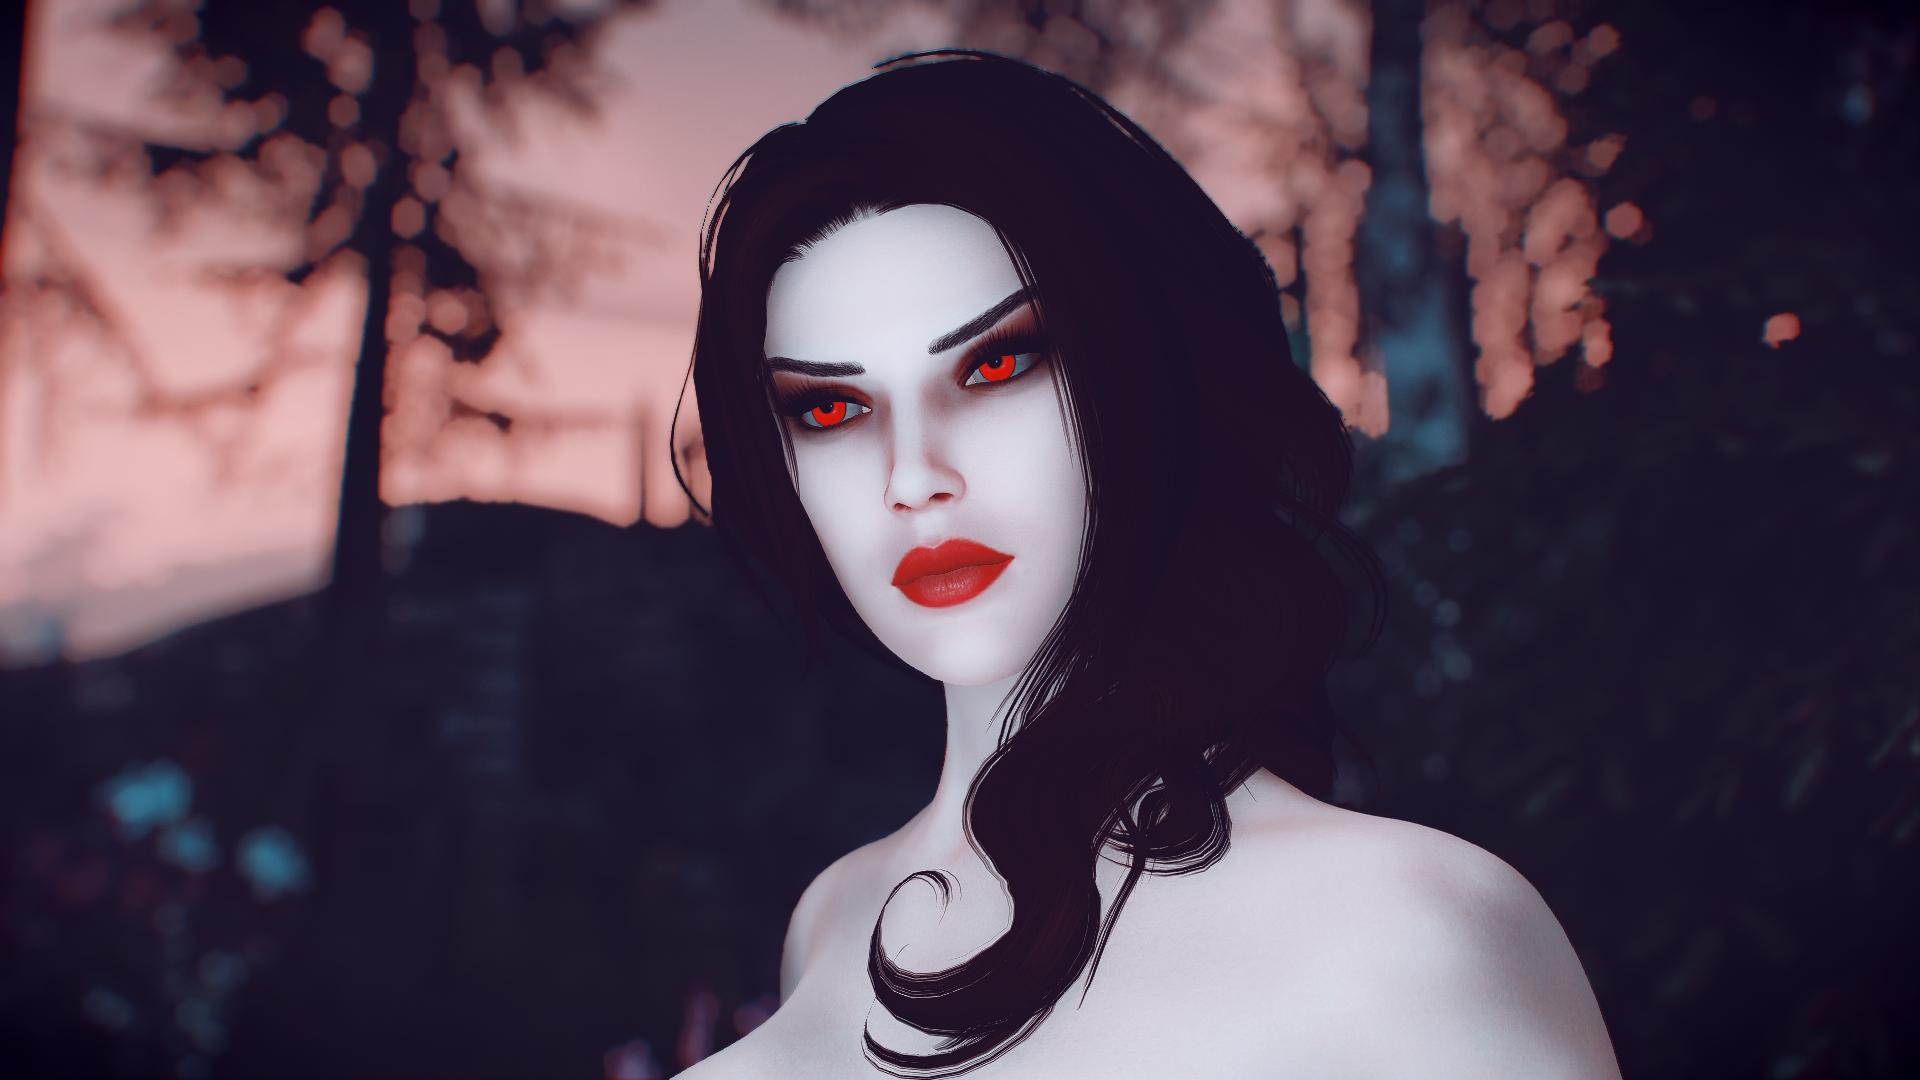 SkyrimSE 6.0 (Лето) - Владычица Астарта